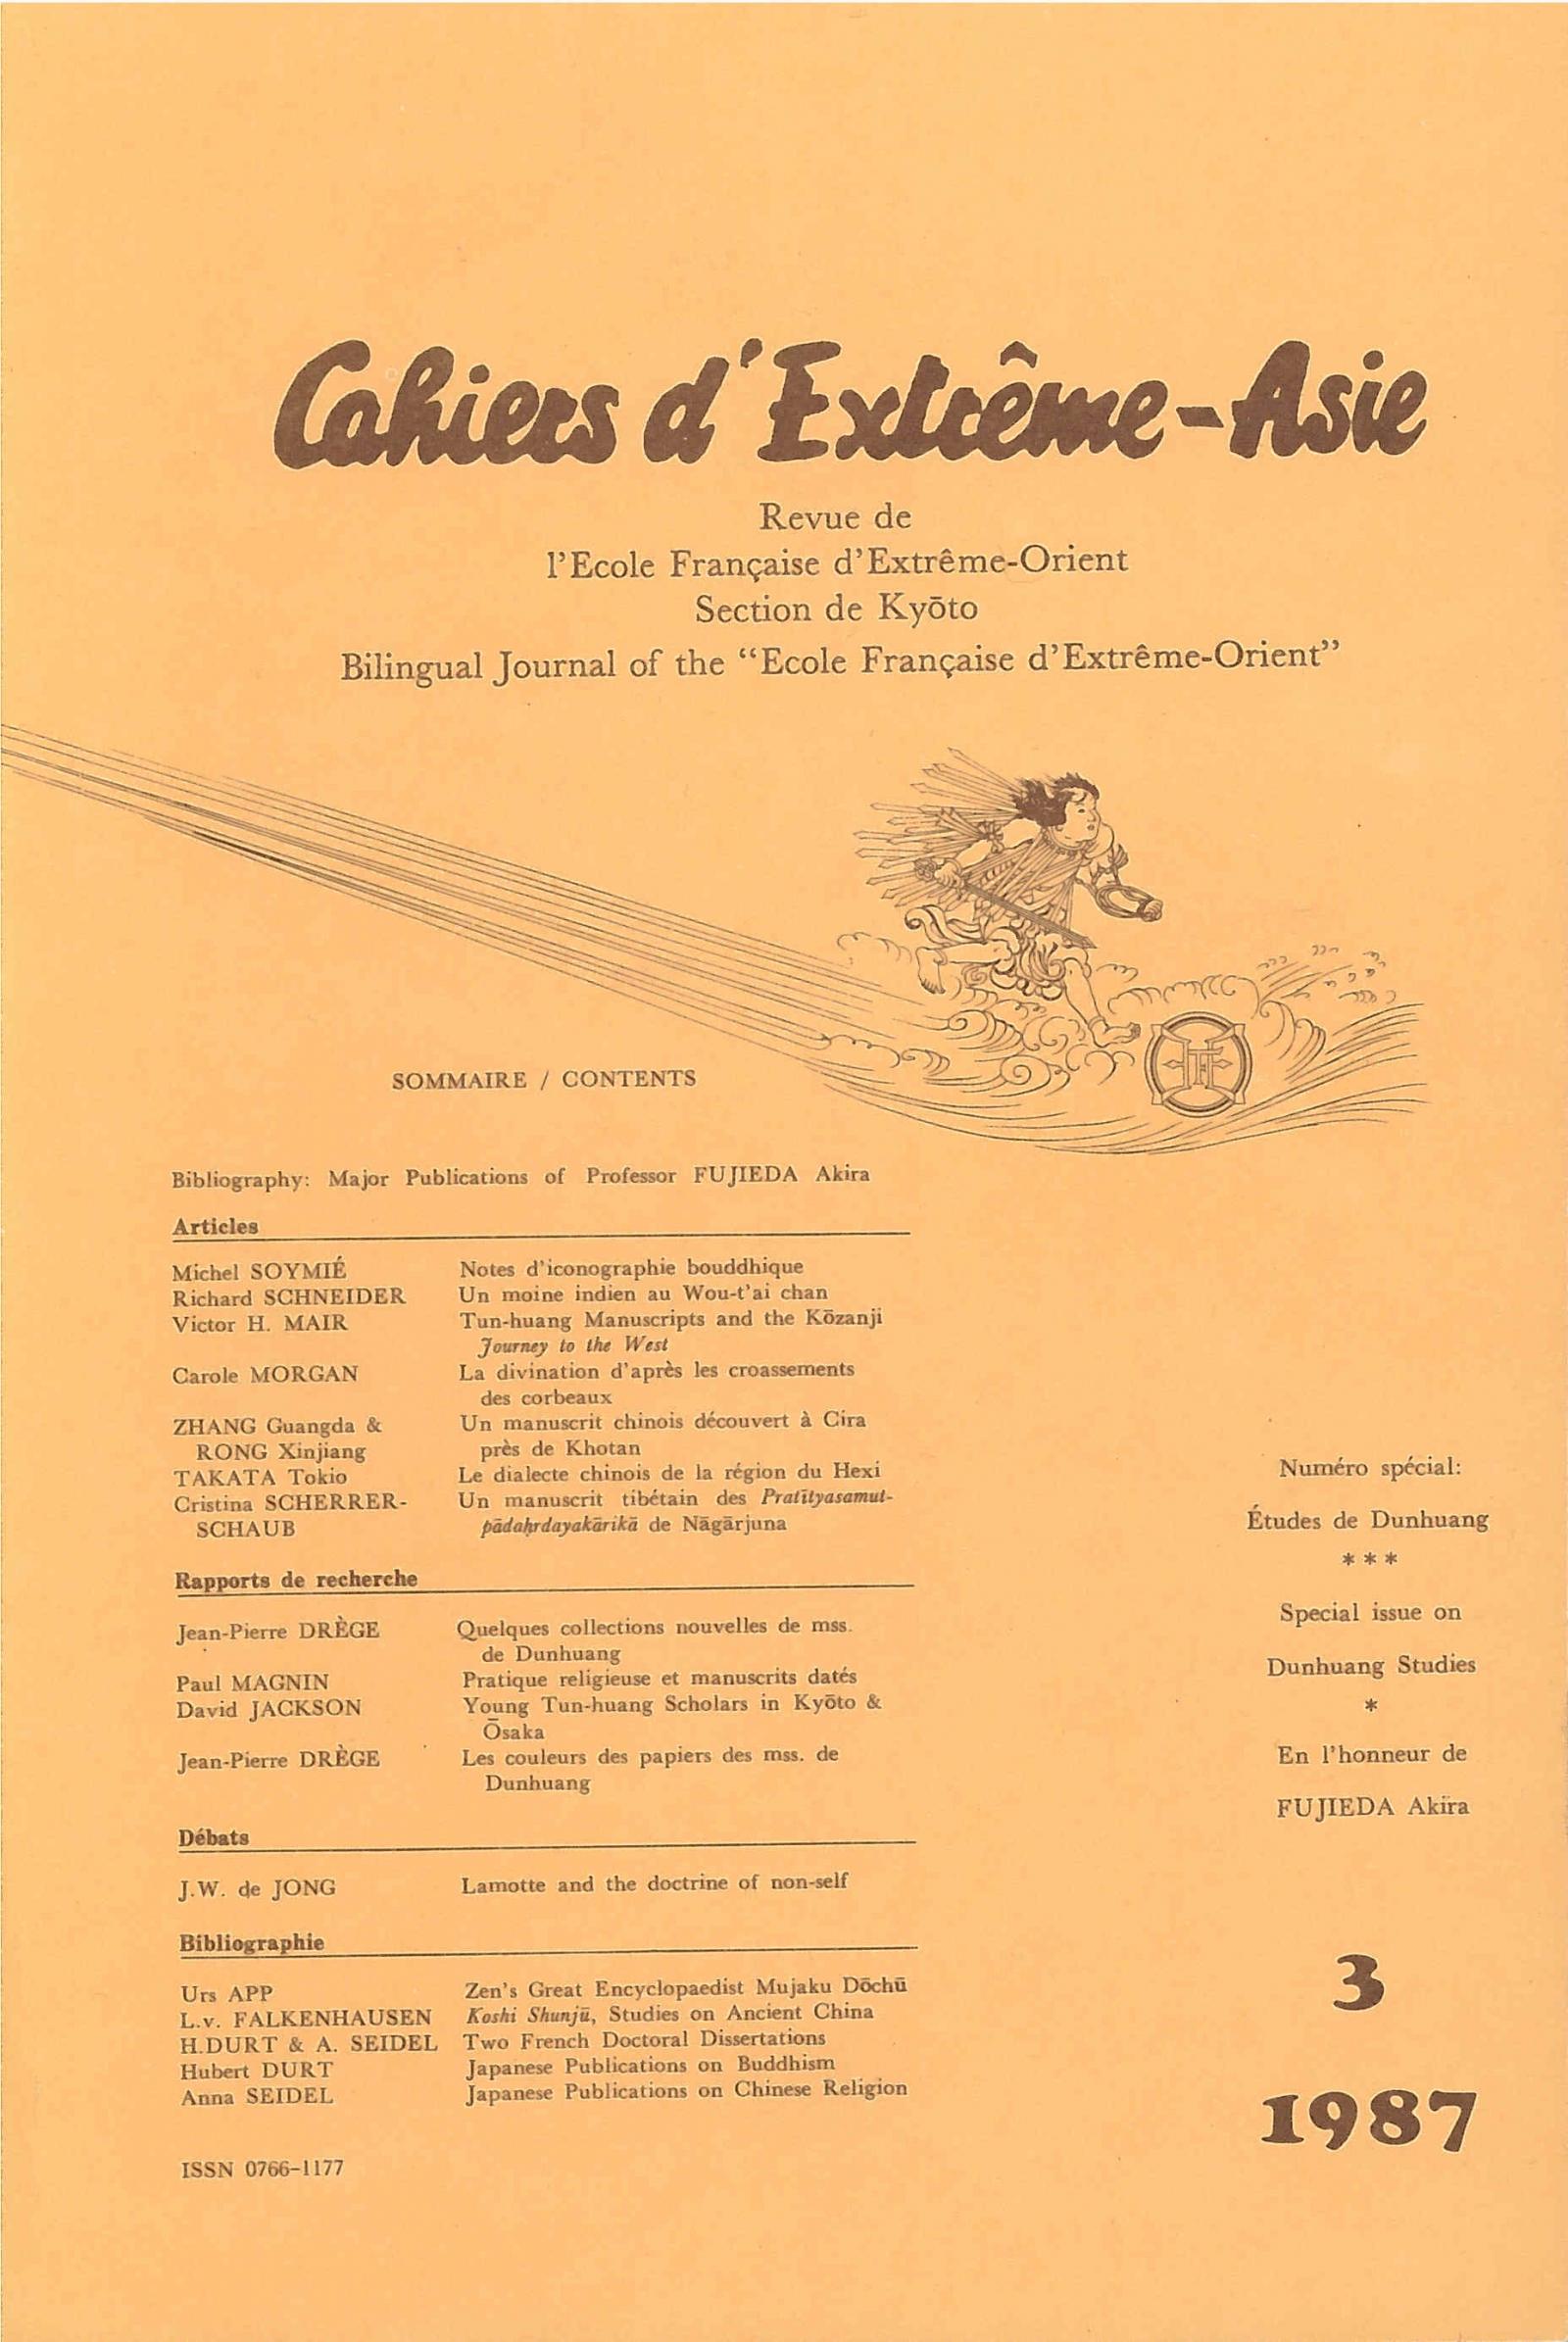 Cahiers d'Extrême-Asie 3 (1987)